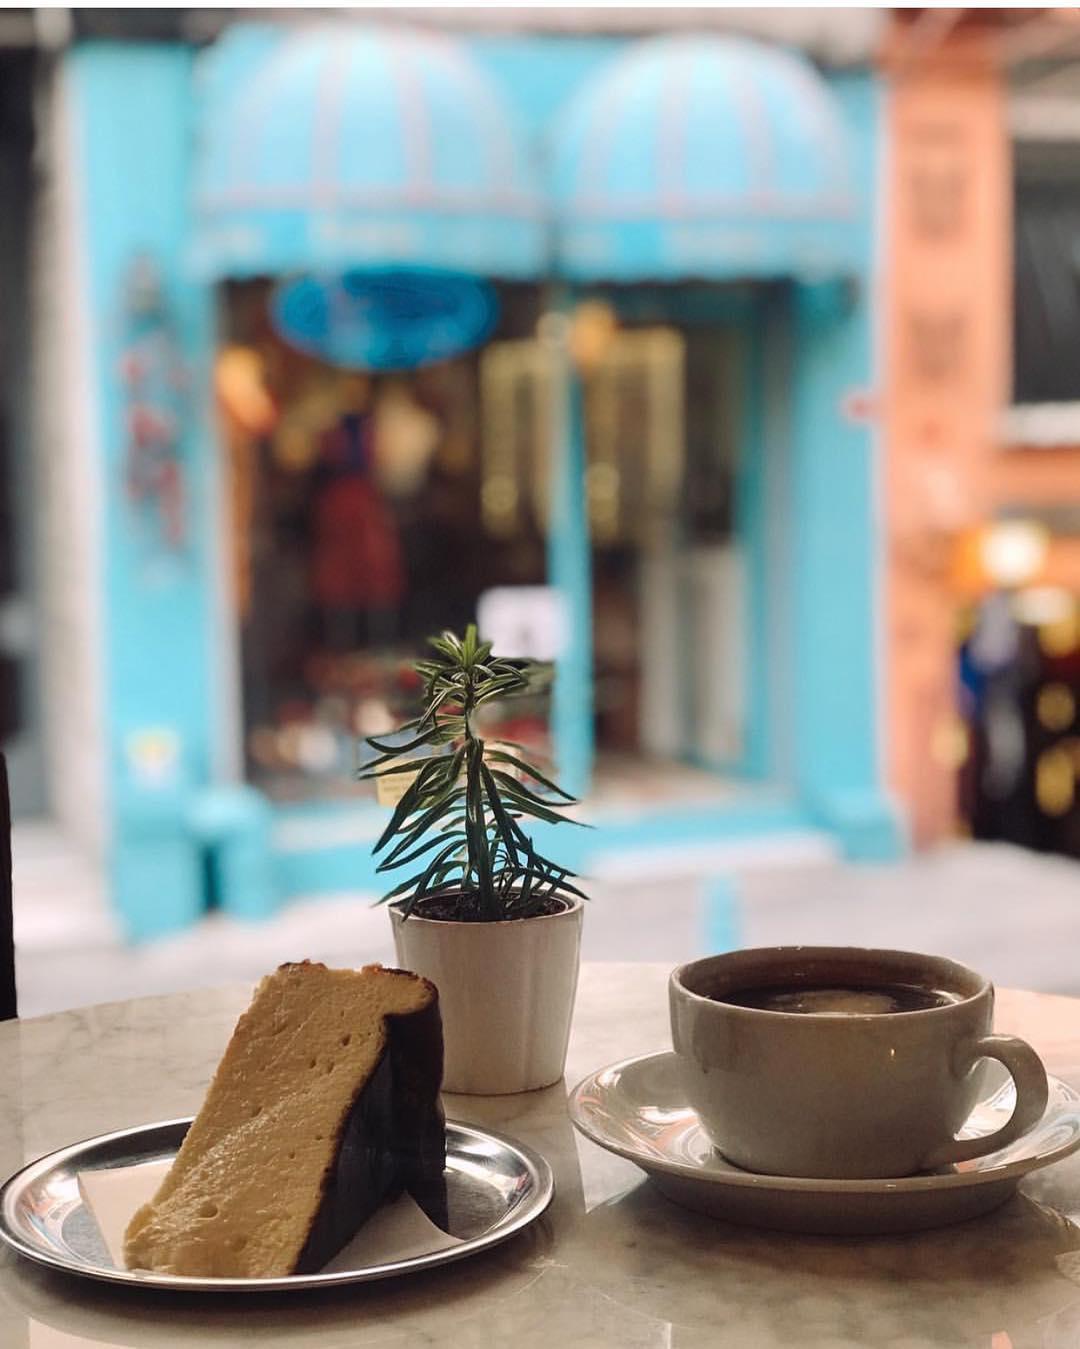 İstanbul Anadolu Yakasından 3. Dalga Kahveciler | Rafine Espresso Bar